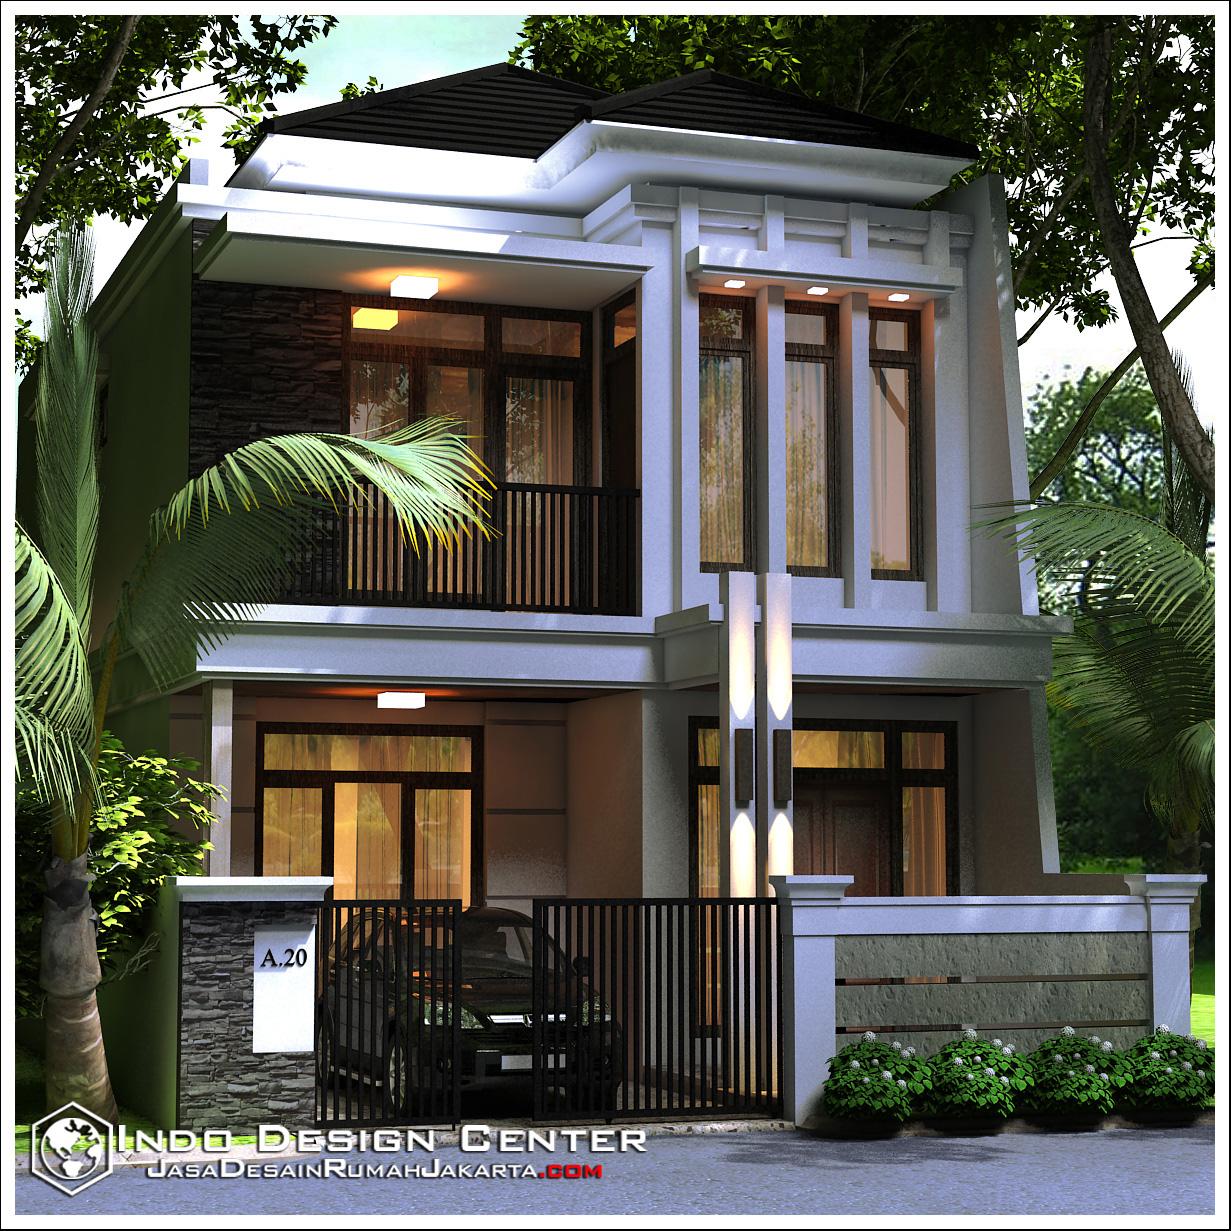 Gambar Rumah Minimalis Jasa Desain Rumah Jakarta Desain